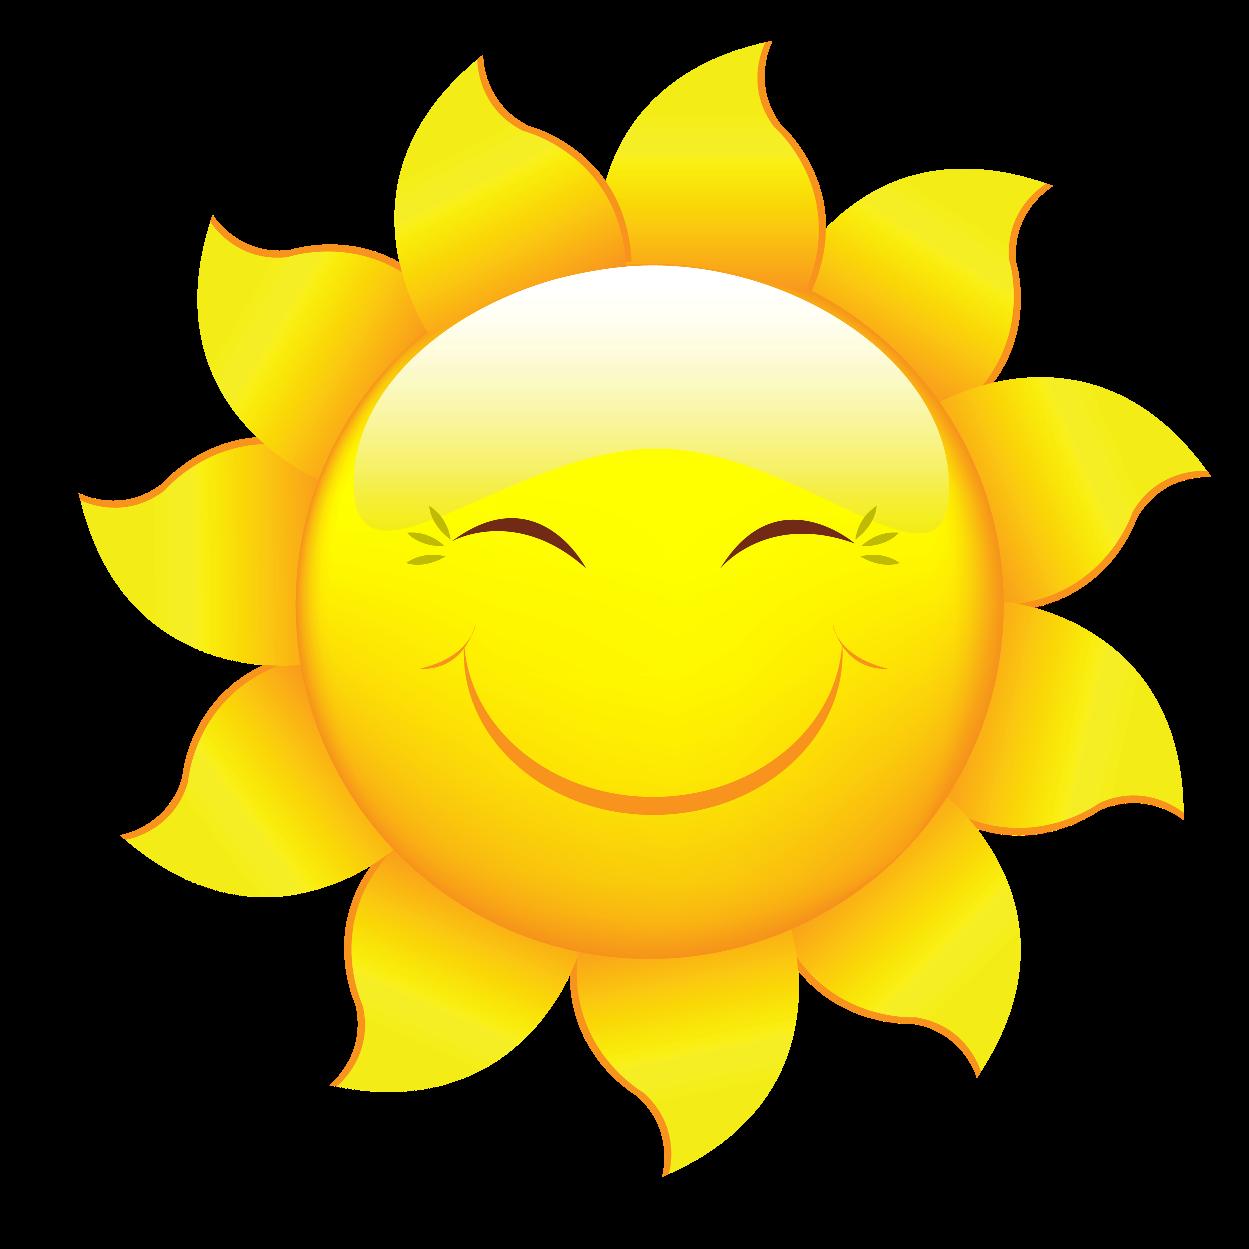 жители картинки хорошего качества солнышко было построено